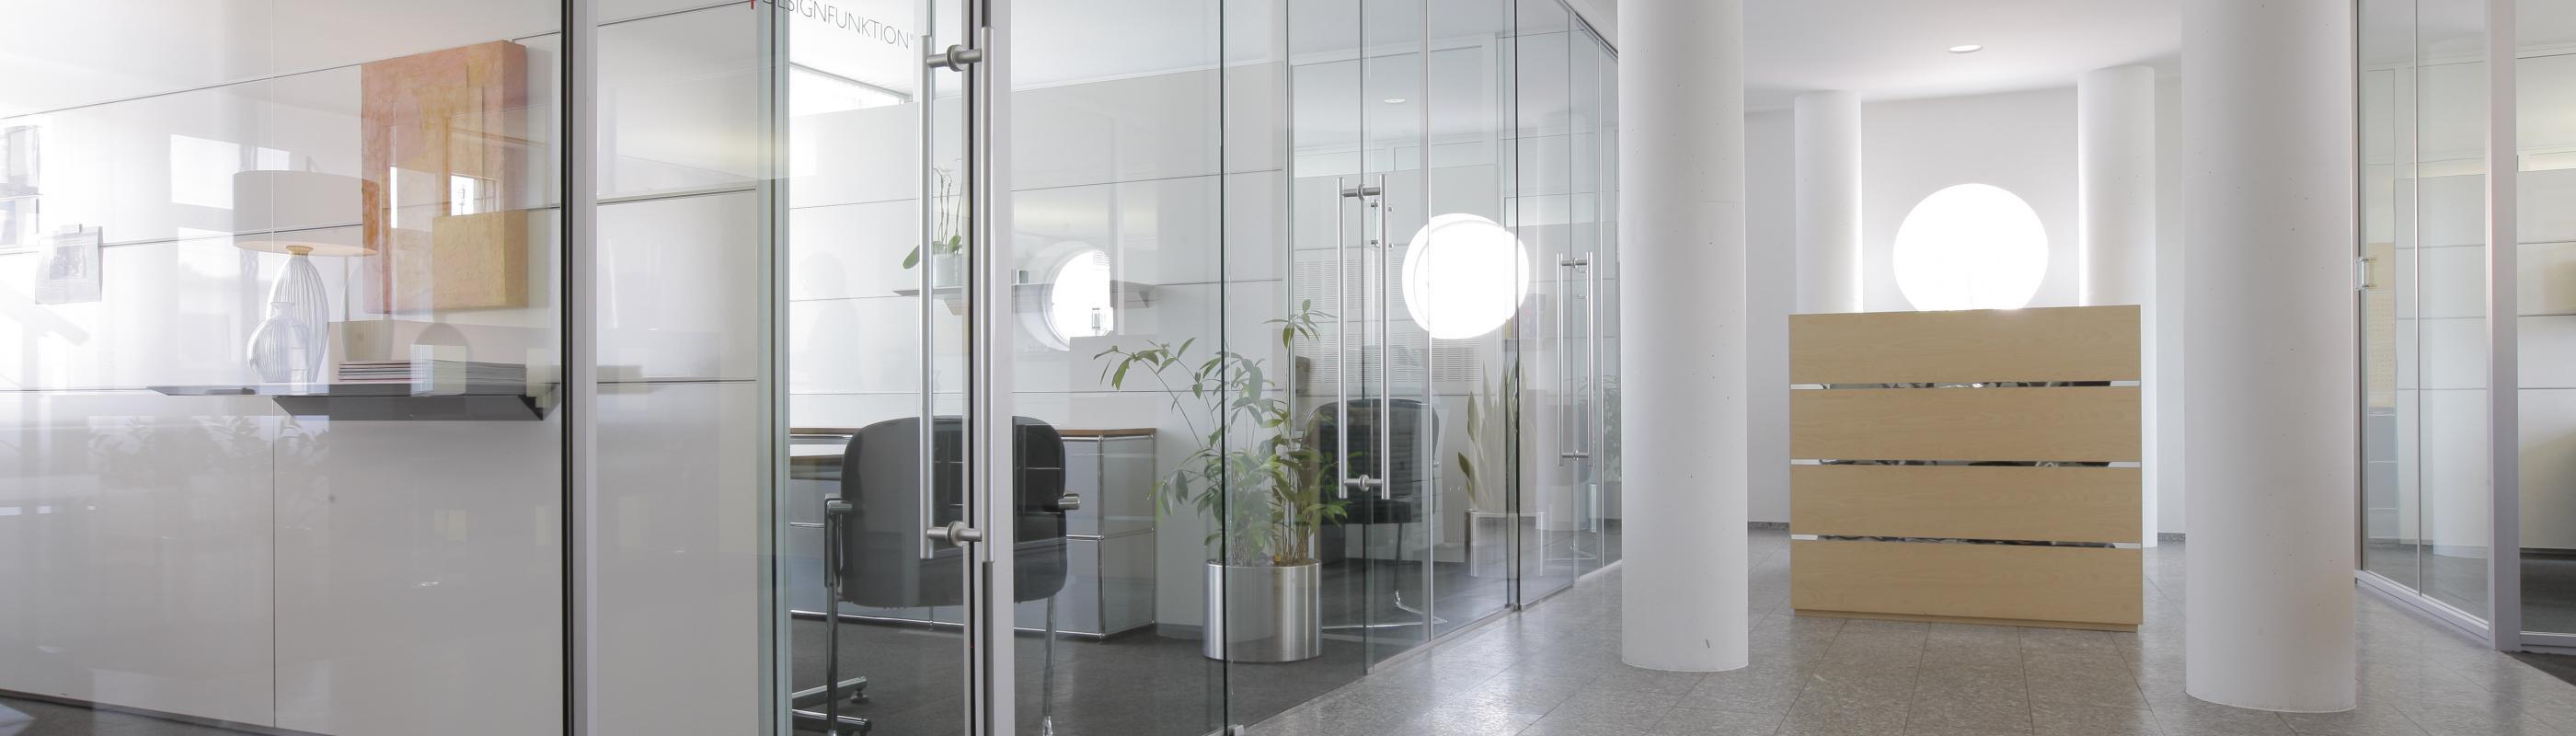 Designfunktion Ag architekt eth oder htl fh 100 offer at designfunktion ag